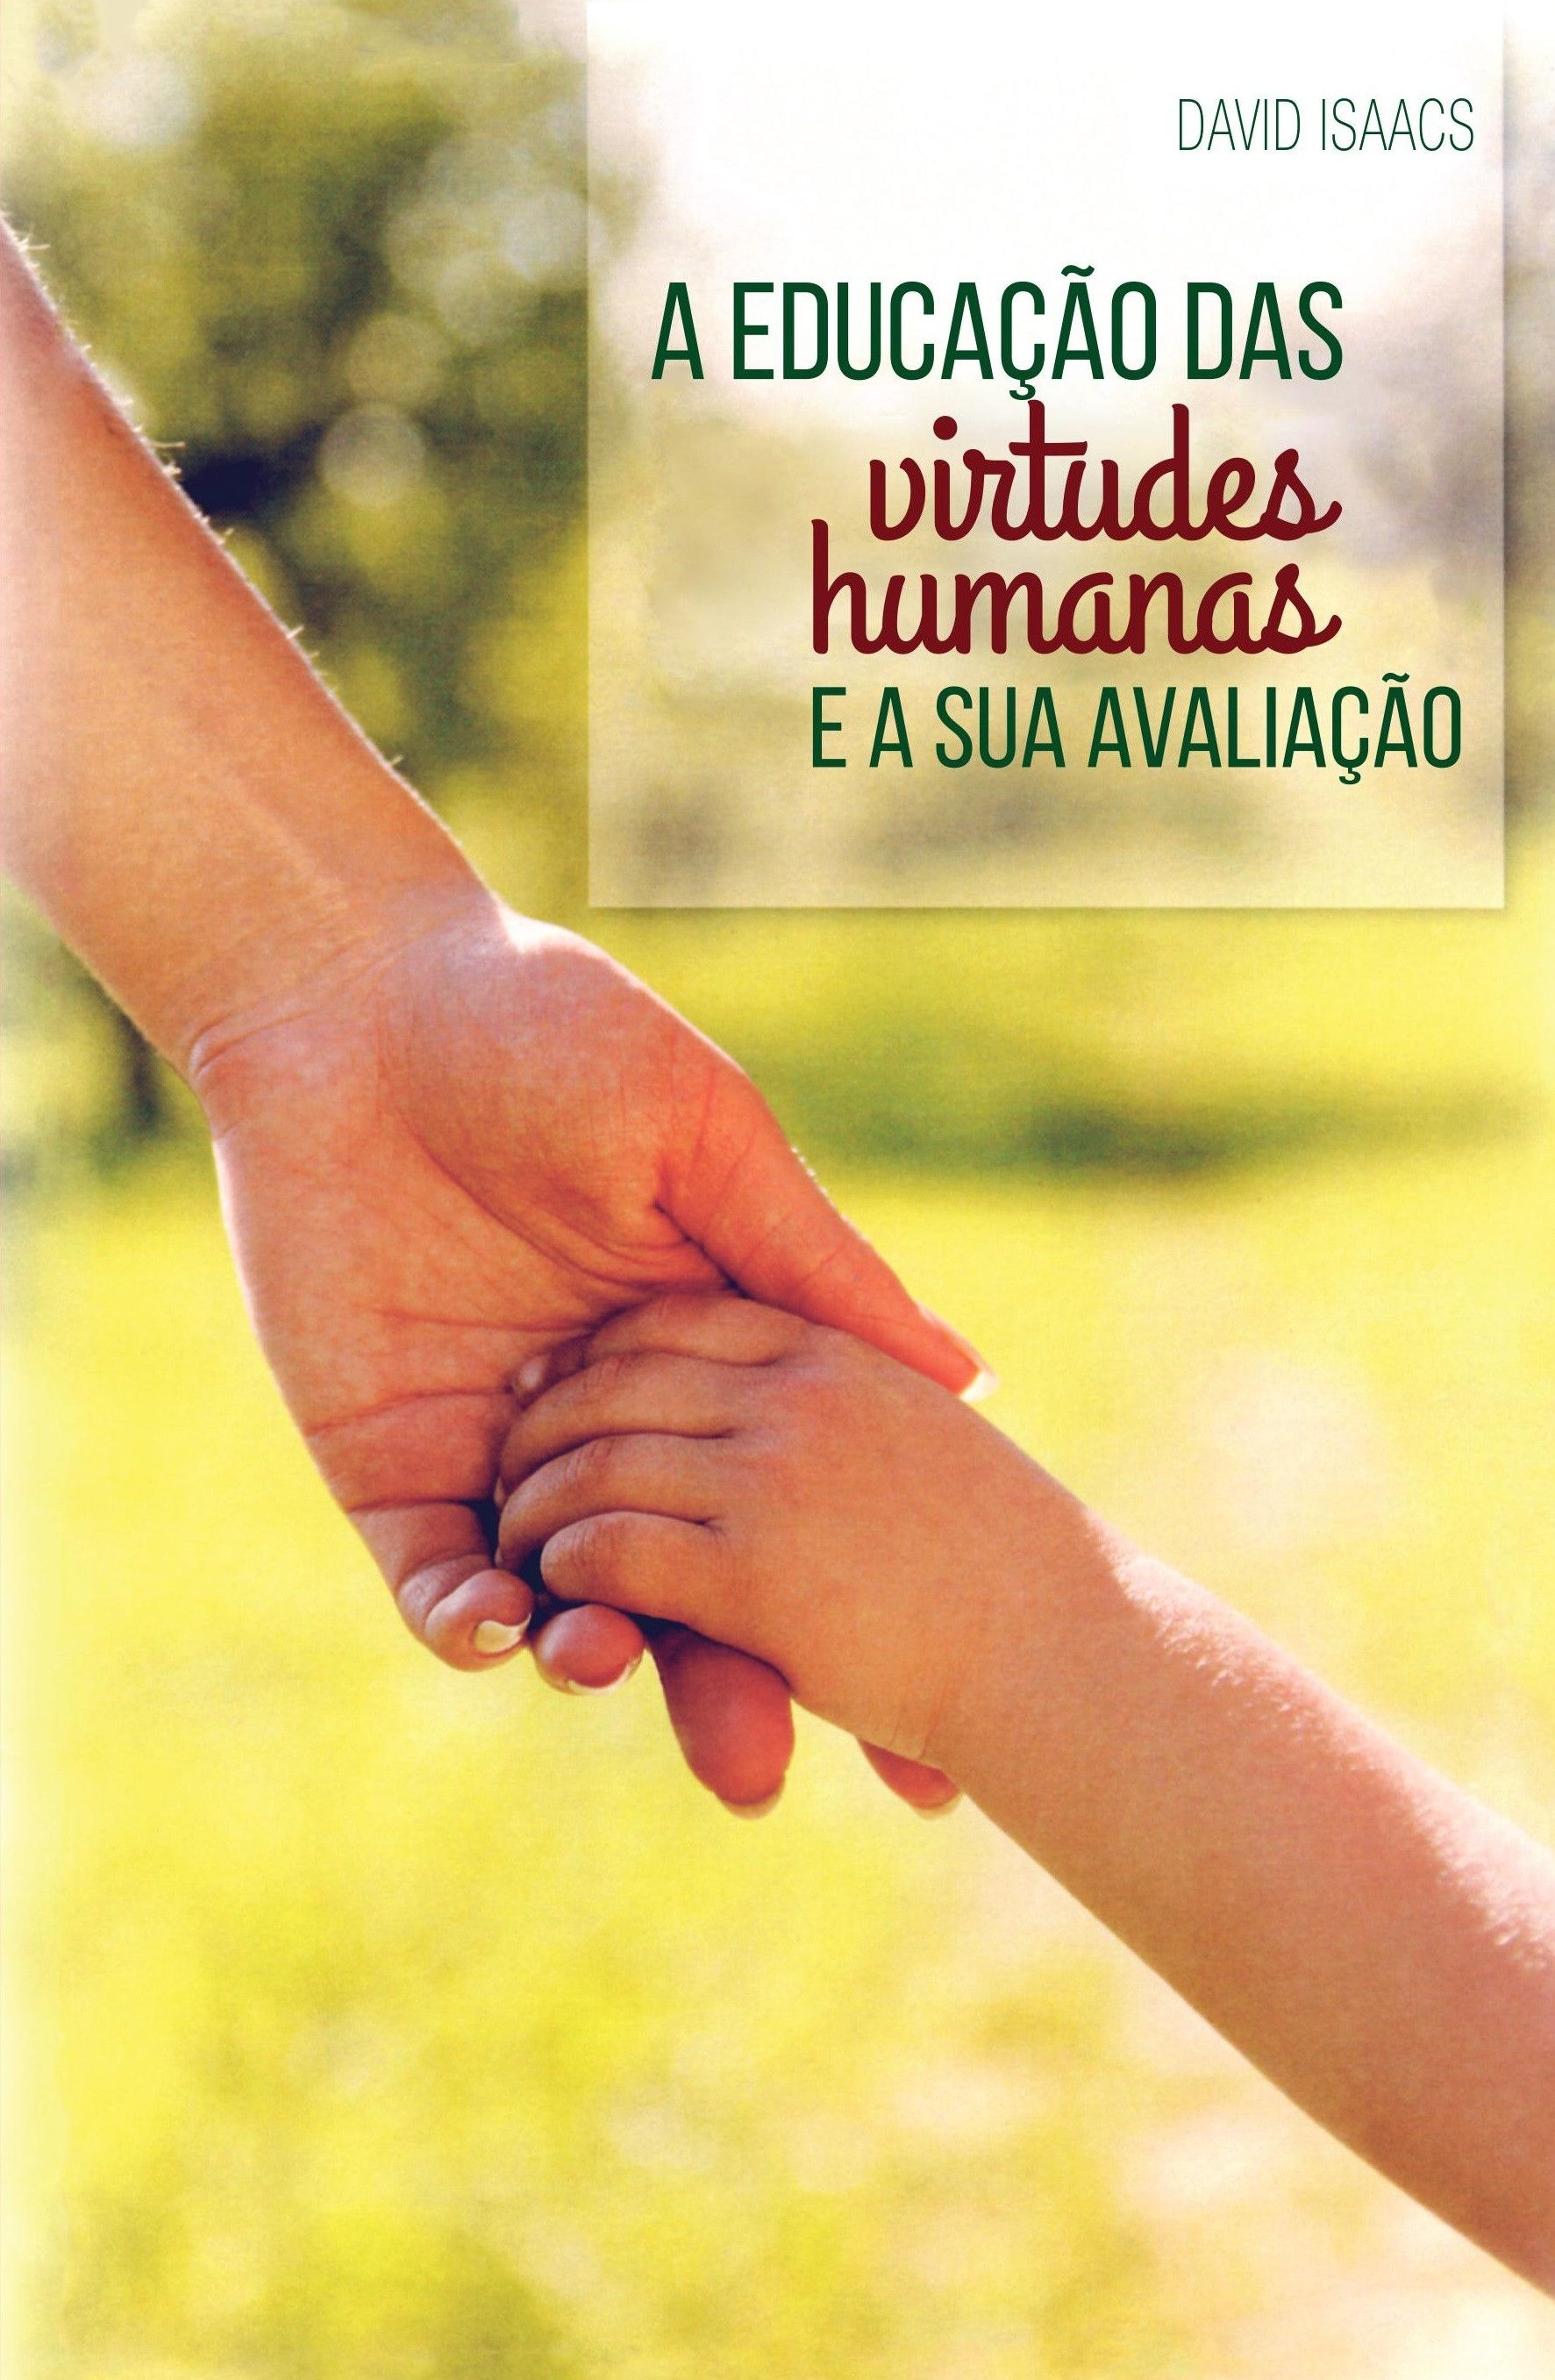 Educação das virtudes humanas e a sua avaliação, A